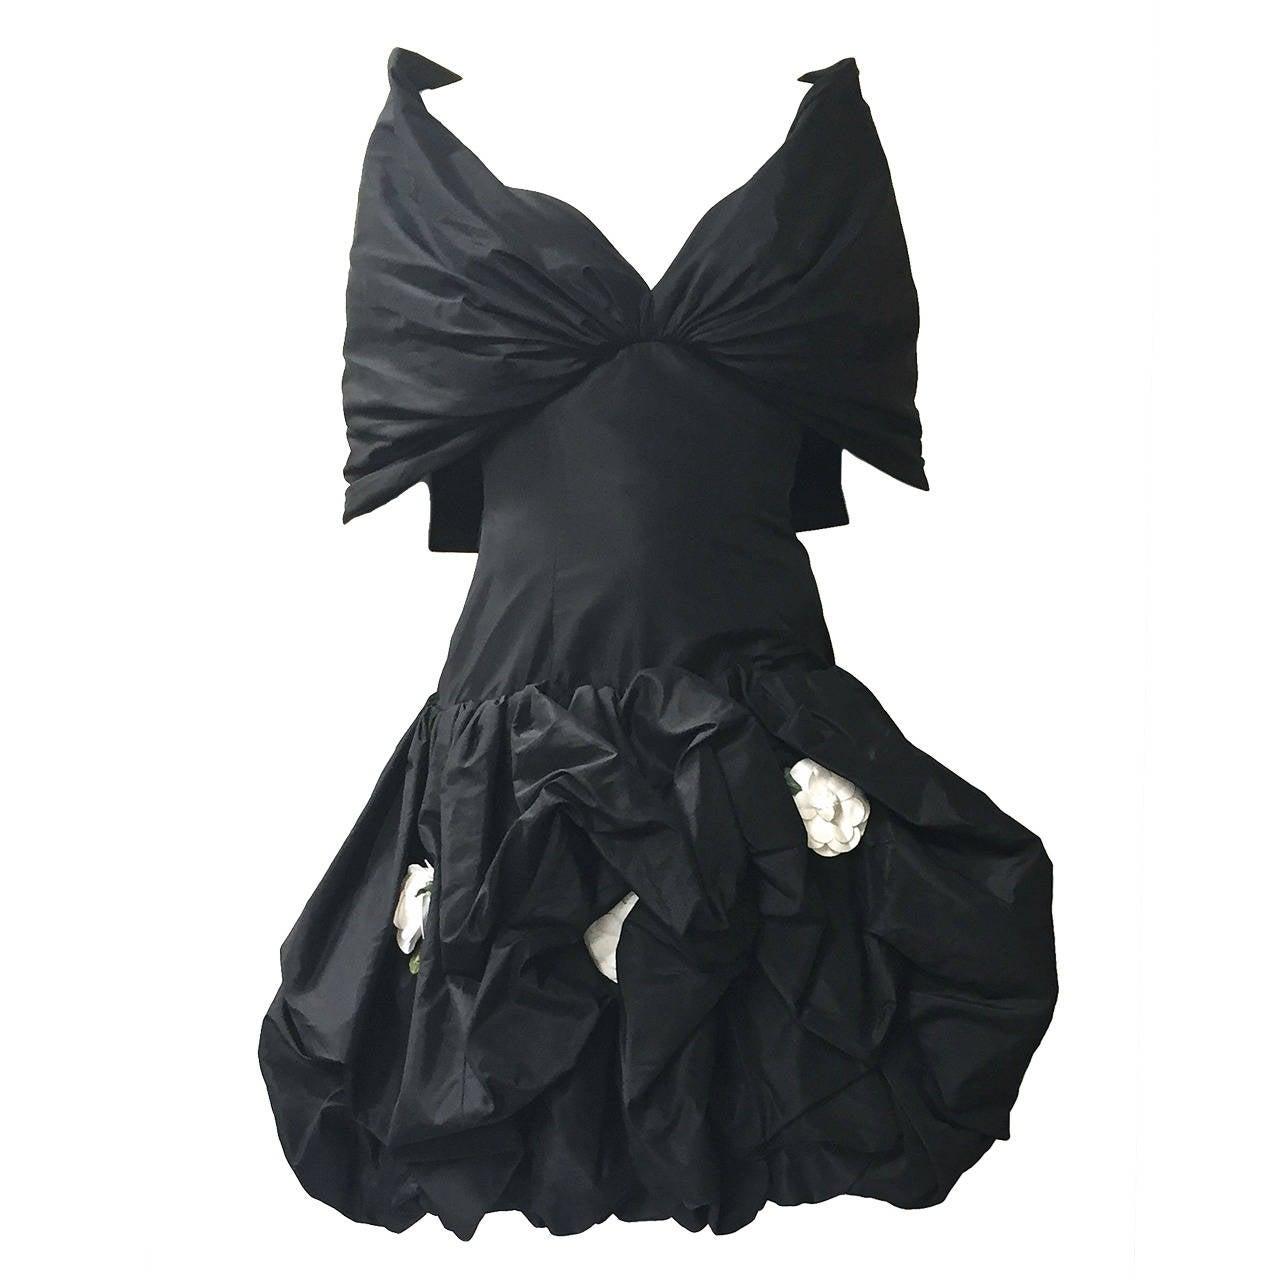 Bill Blass 1980s Strapless Evening Dress Size 6.